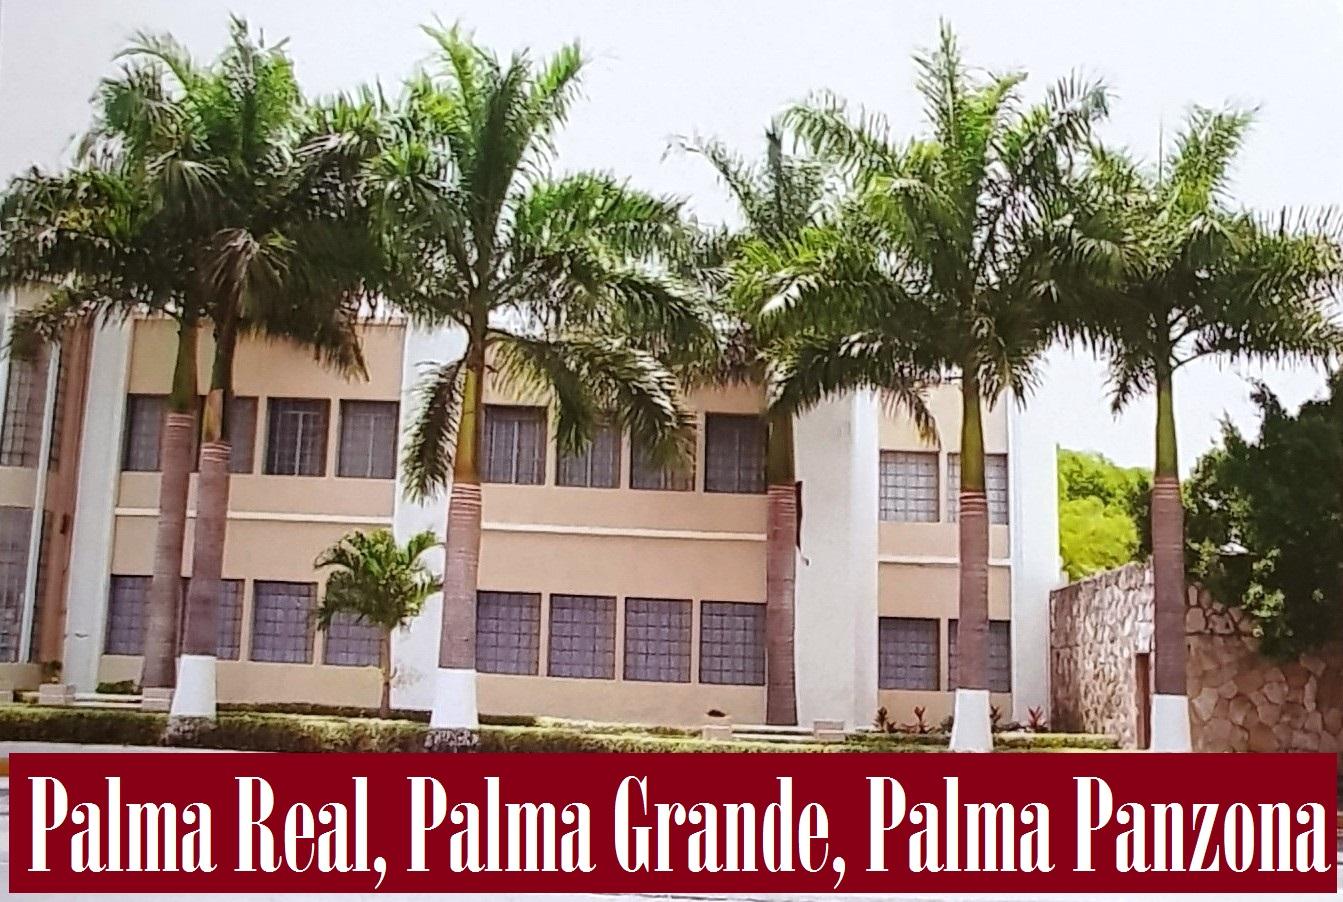 PALMA REAL, PALMA GRANDE, PALMA PANZONA